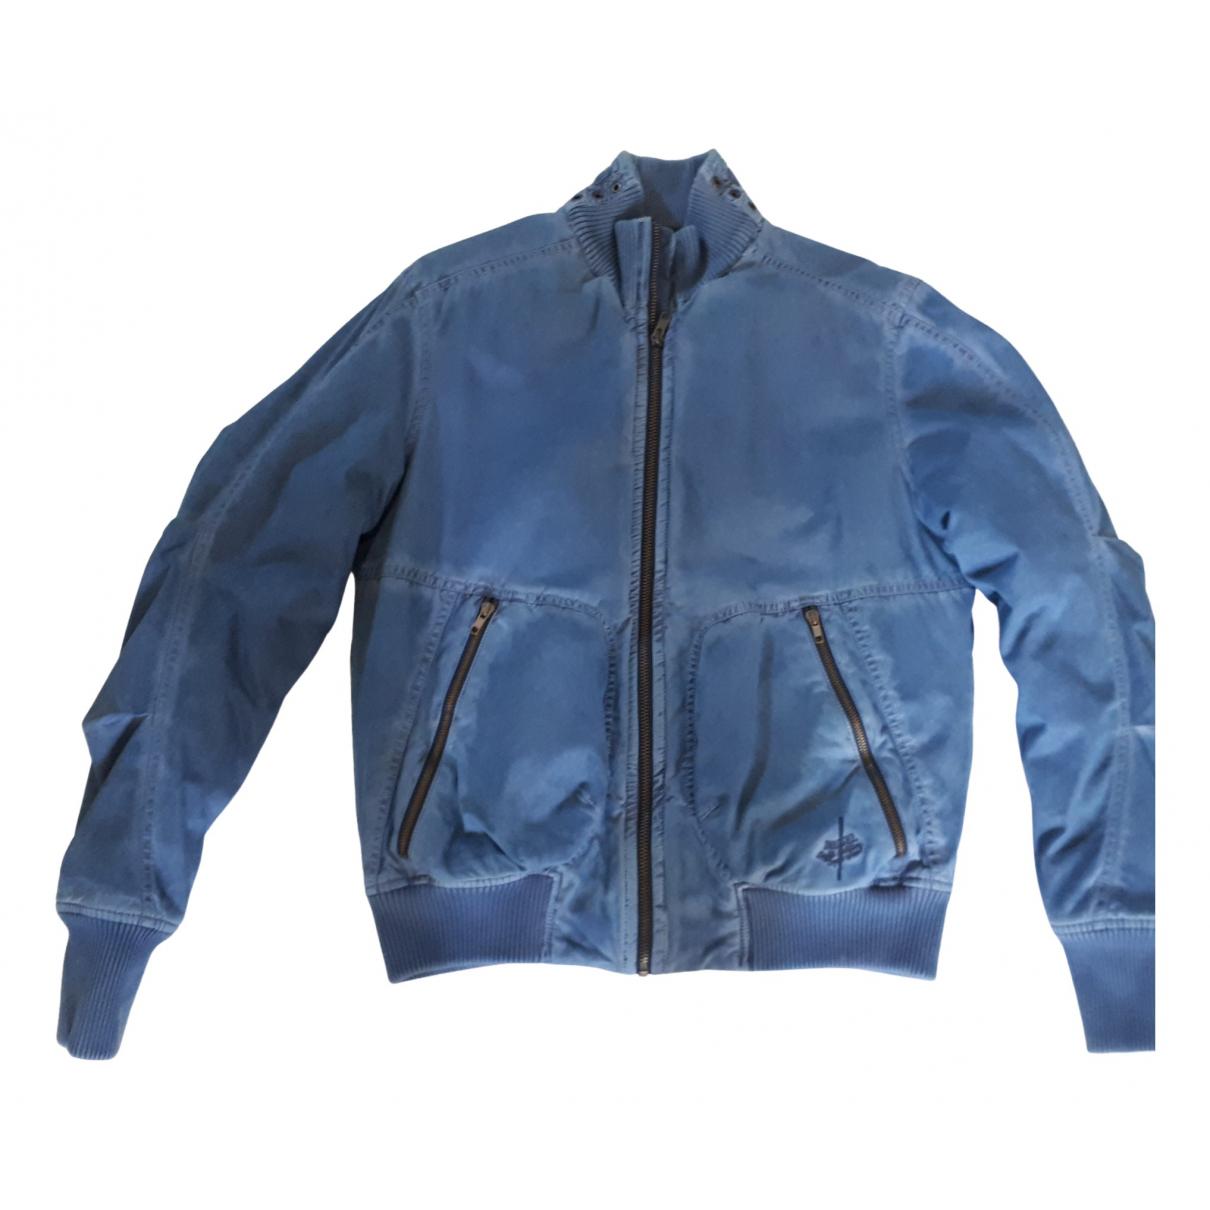 Diesel - Vestes.Blousons   pour homme en coton - bleu